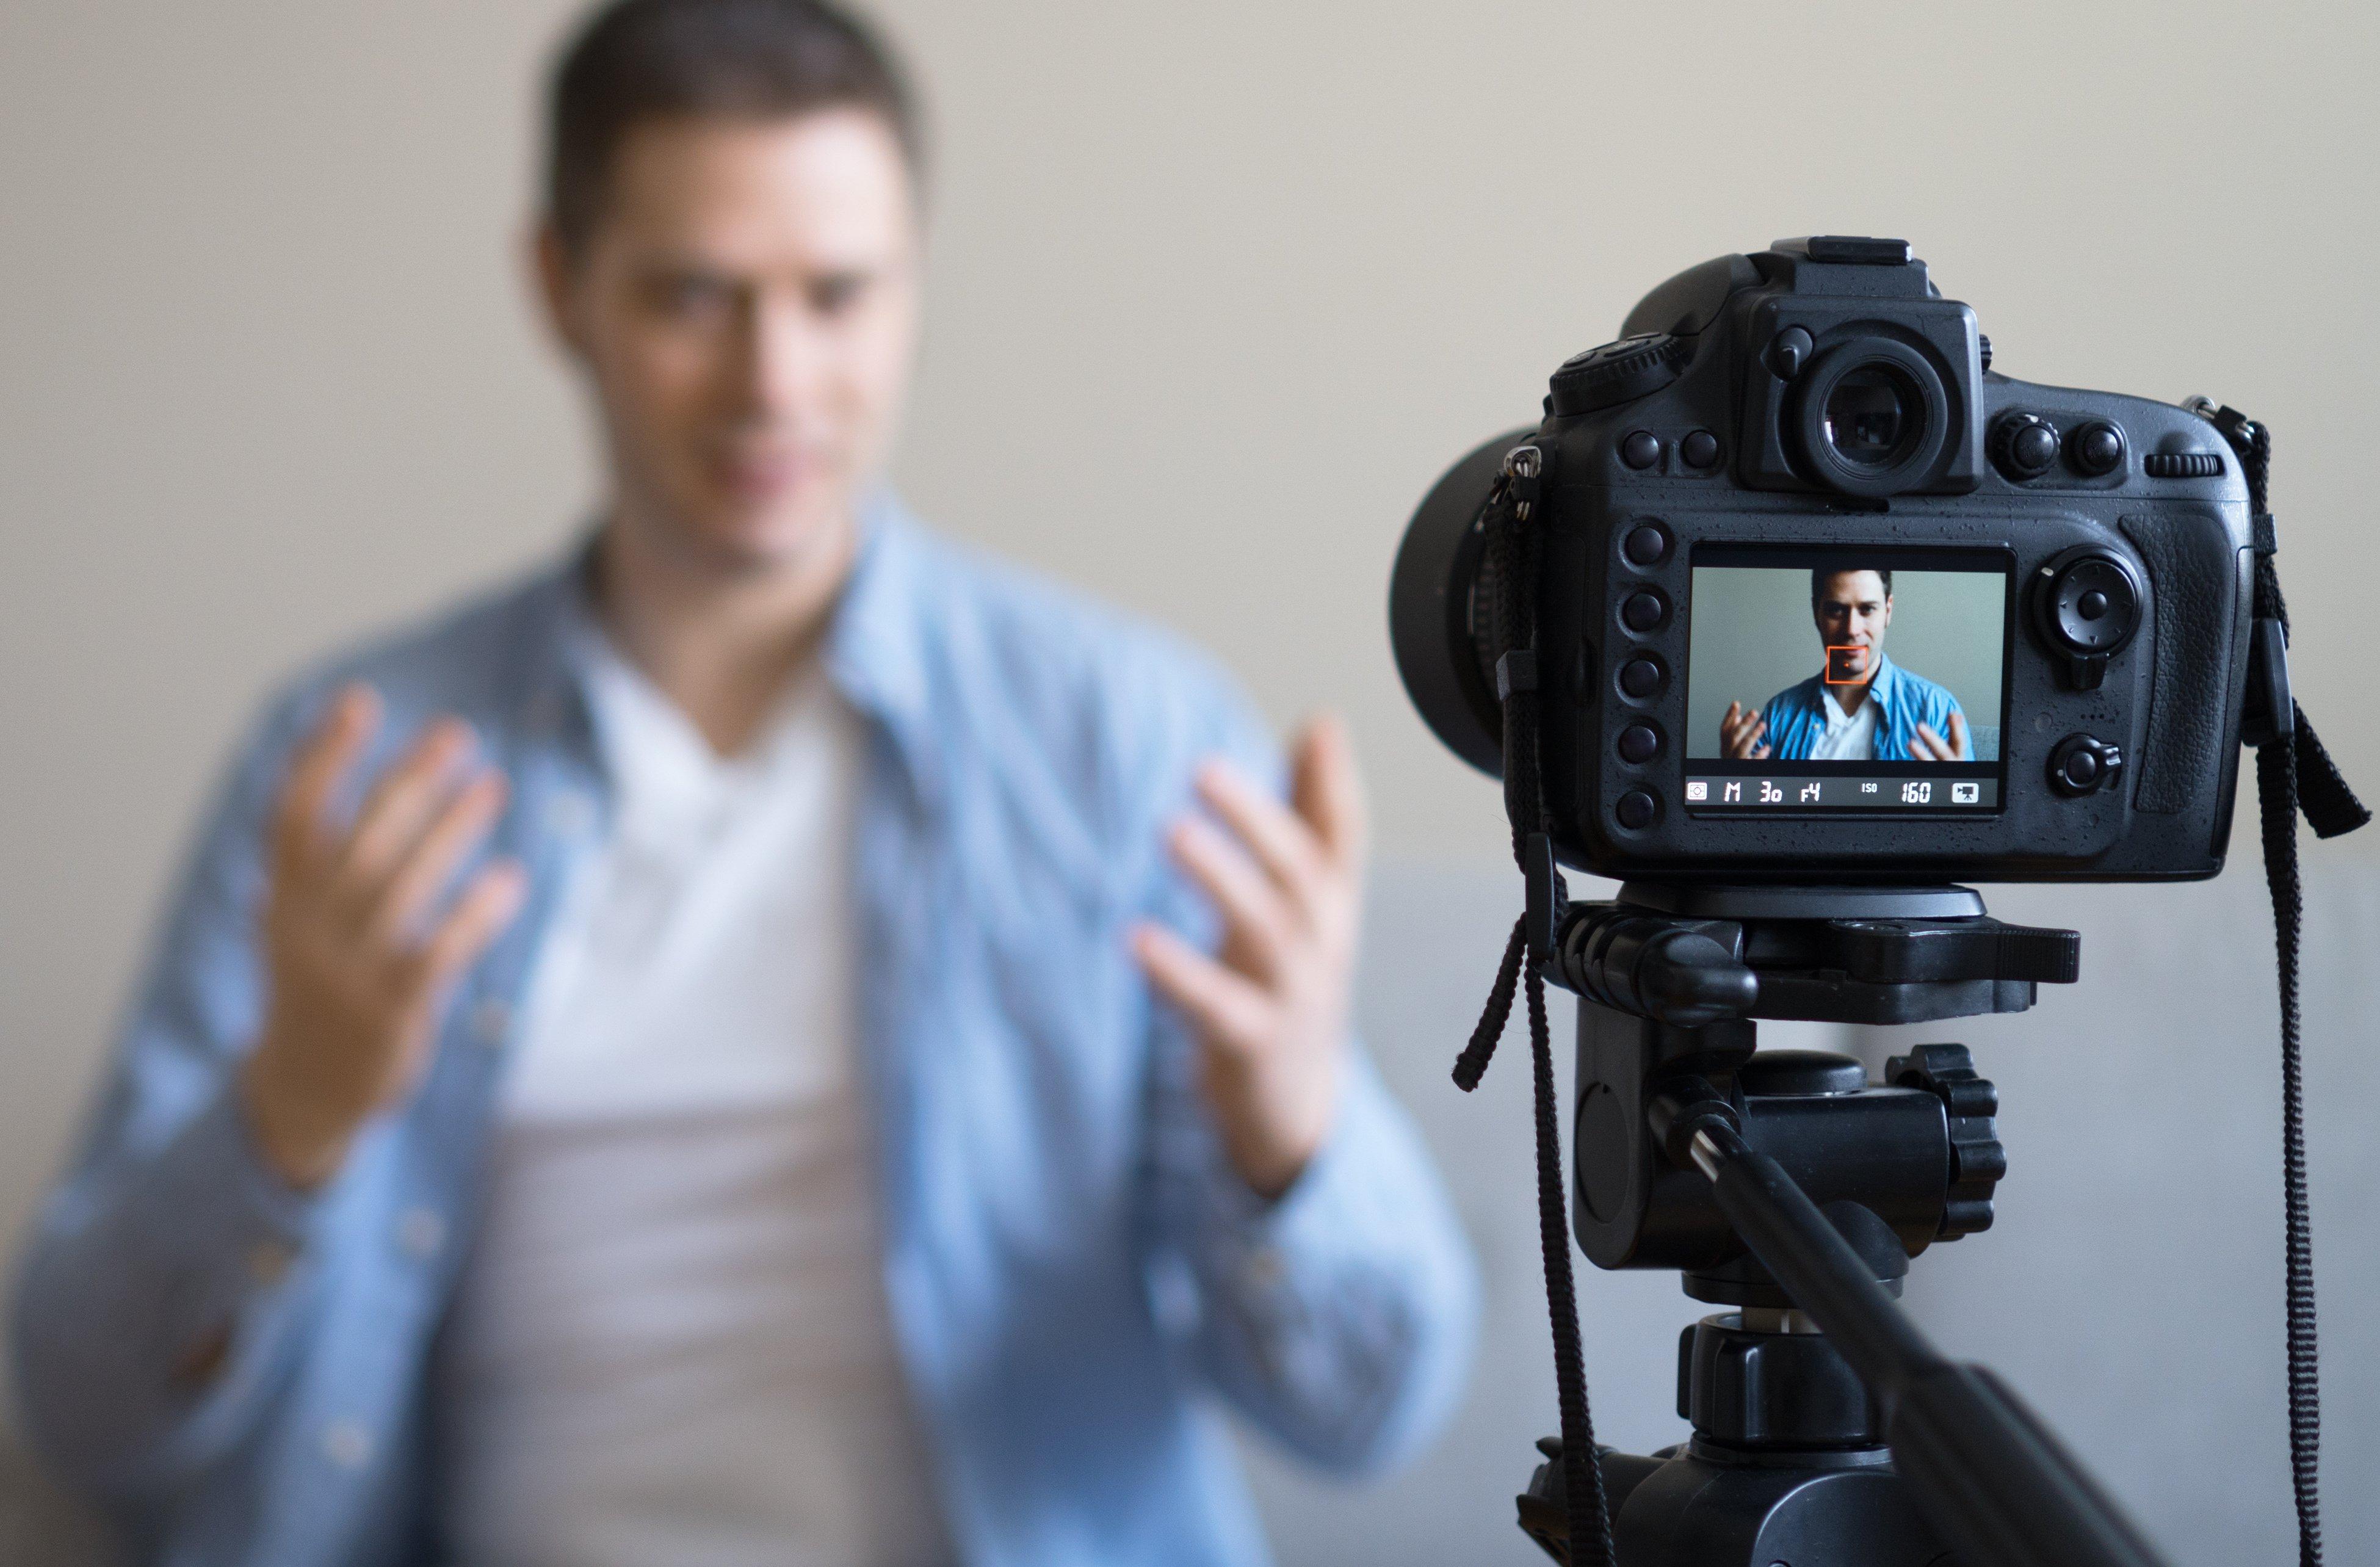 4-Secrets-to-Super-Successful-Video-Marketing-recording-video